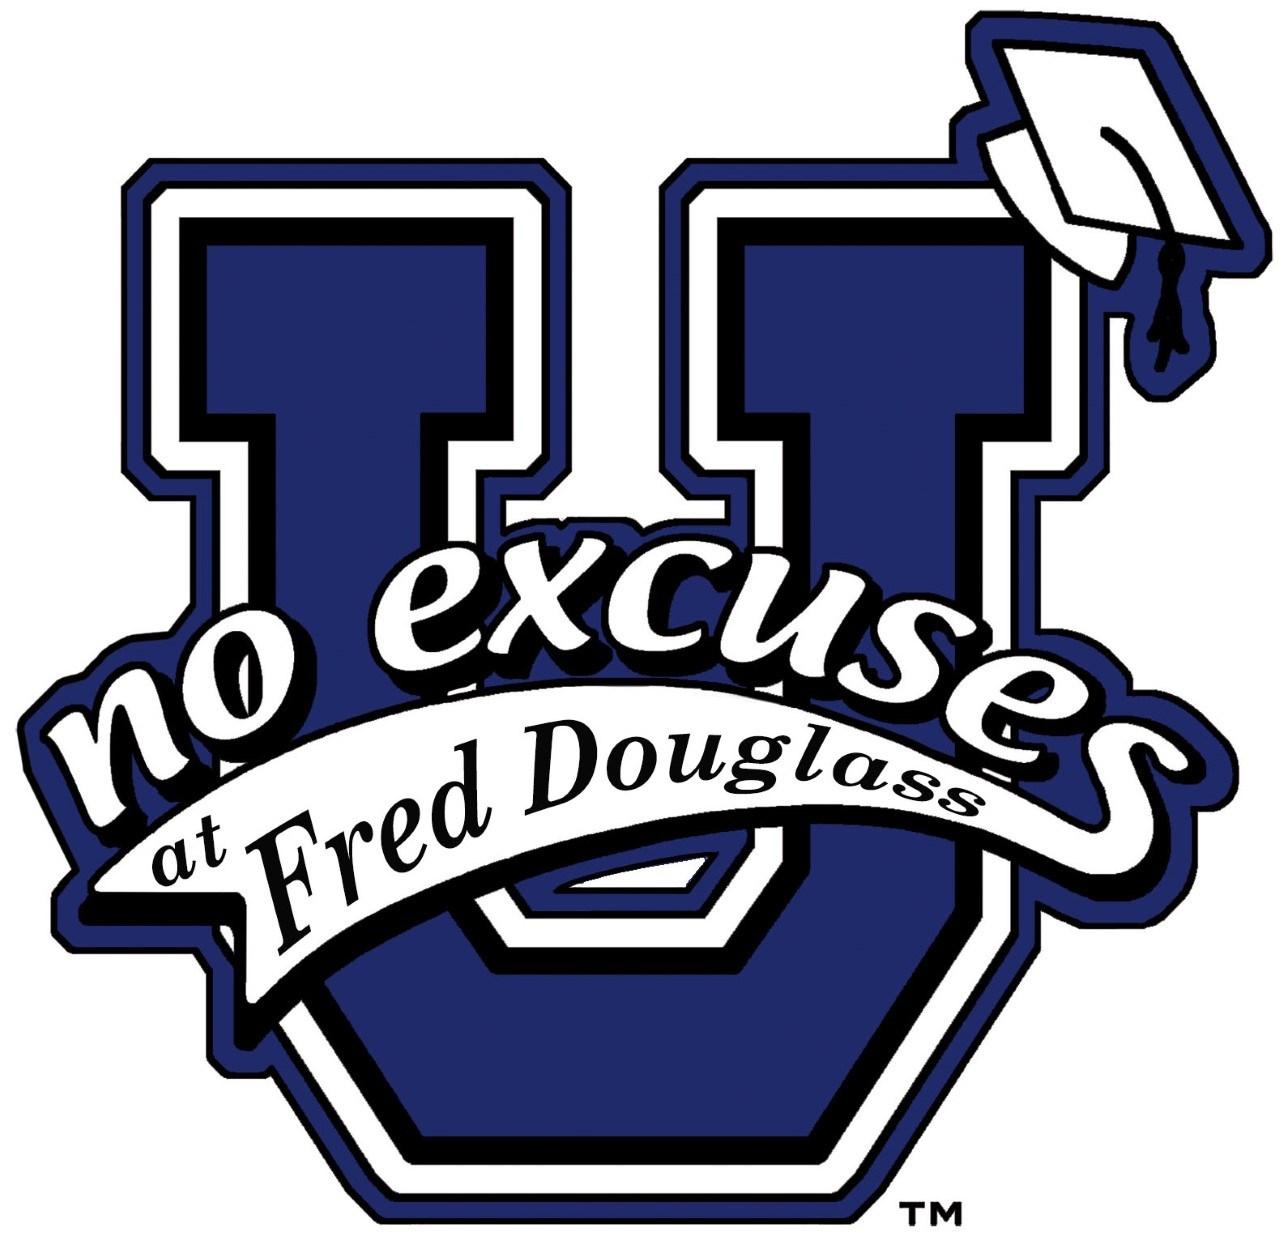 fred douglass no excuses logo